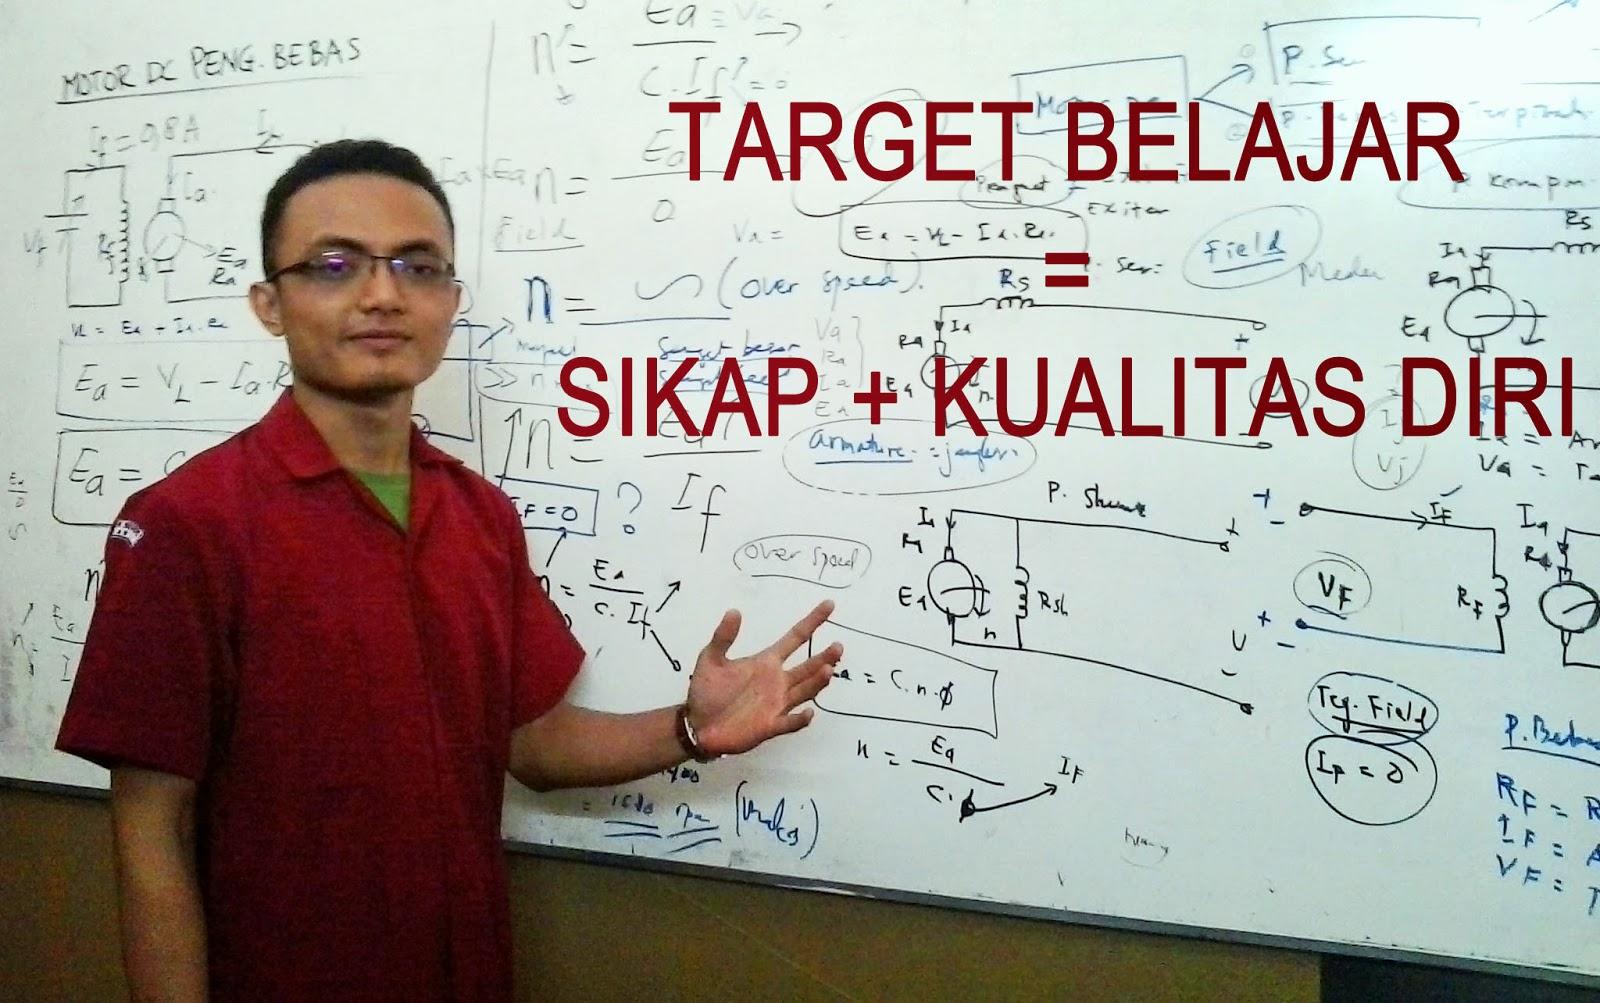 Target-Belajar-Sikap-Kualitas-Diri